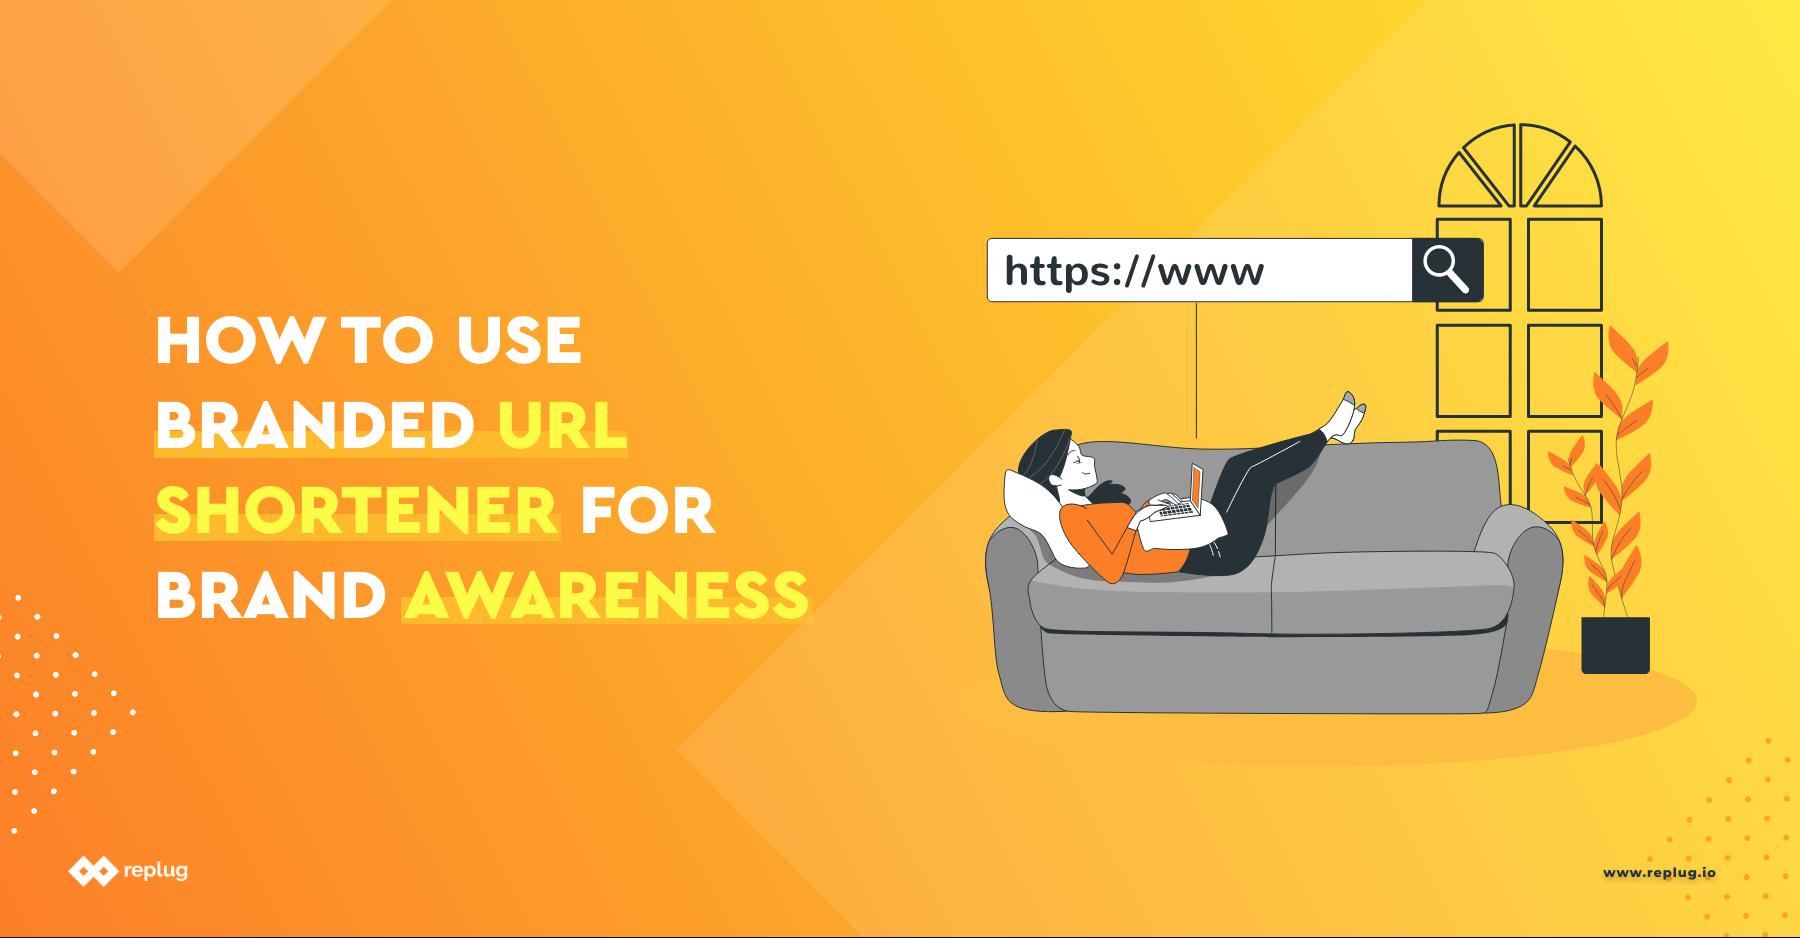 How to Use Branded URL Shortener For Brand Awareness